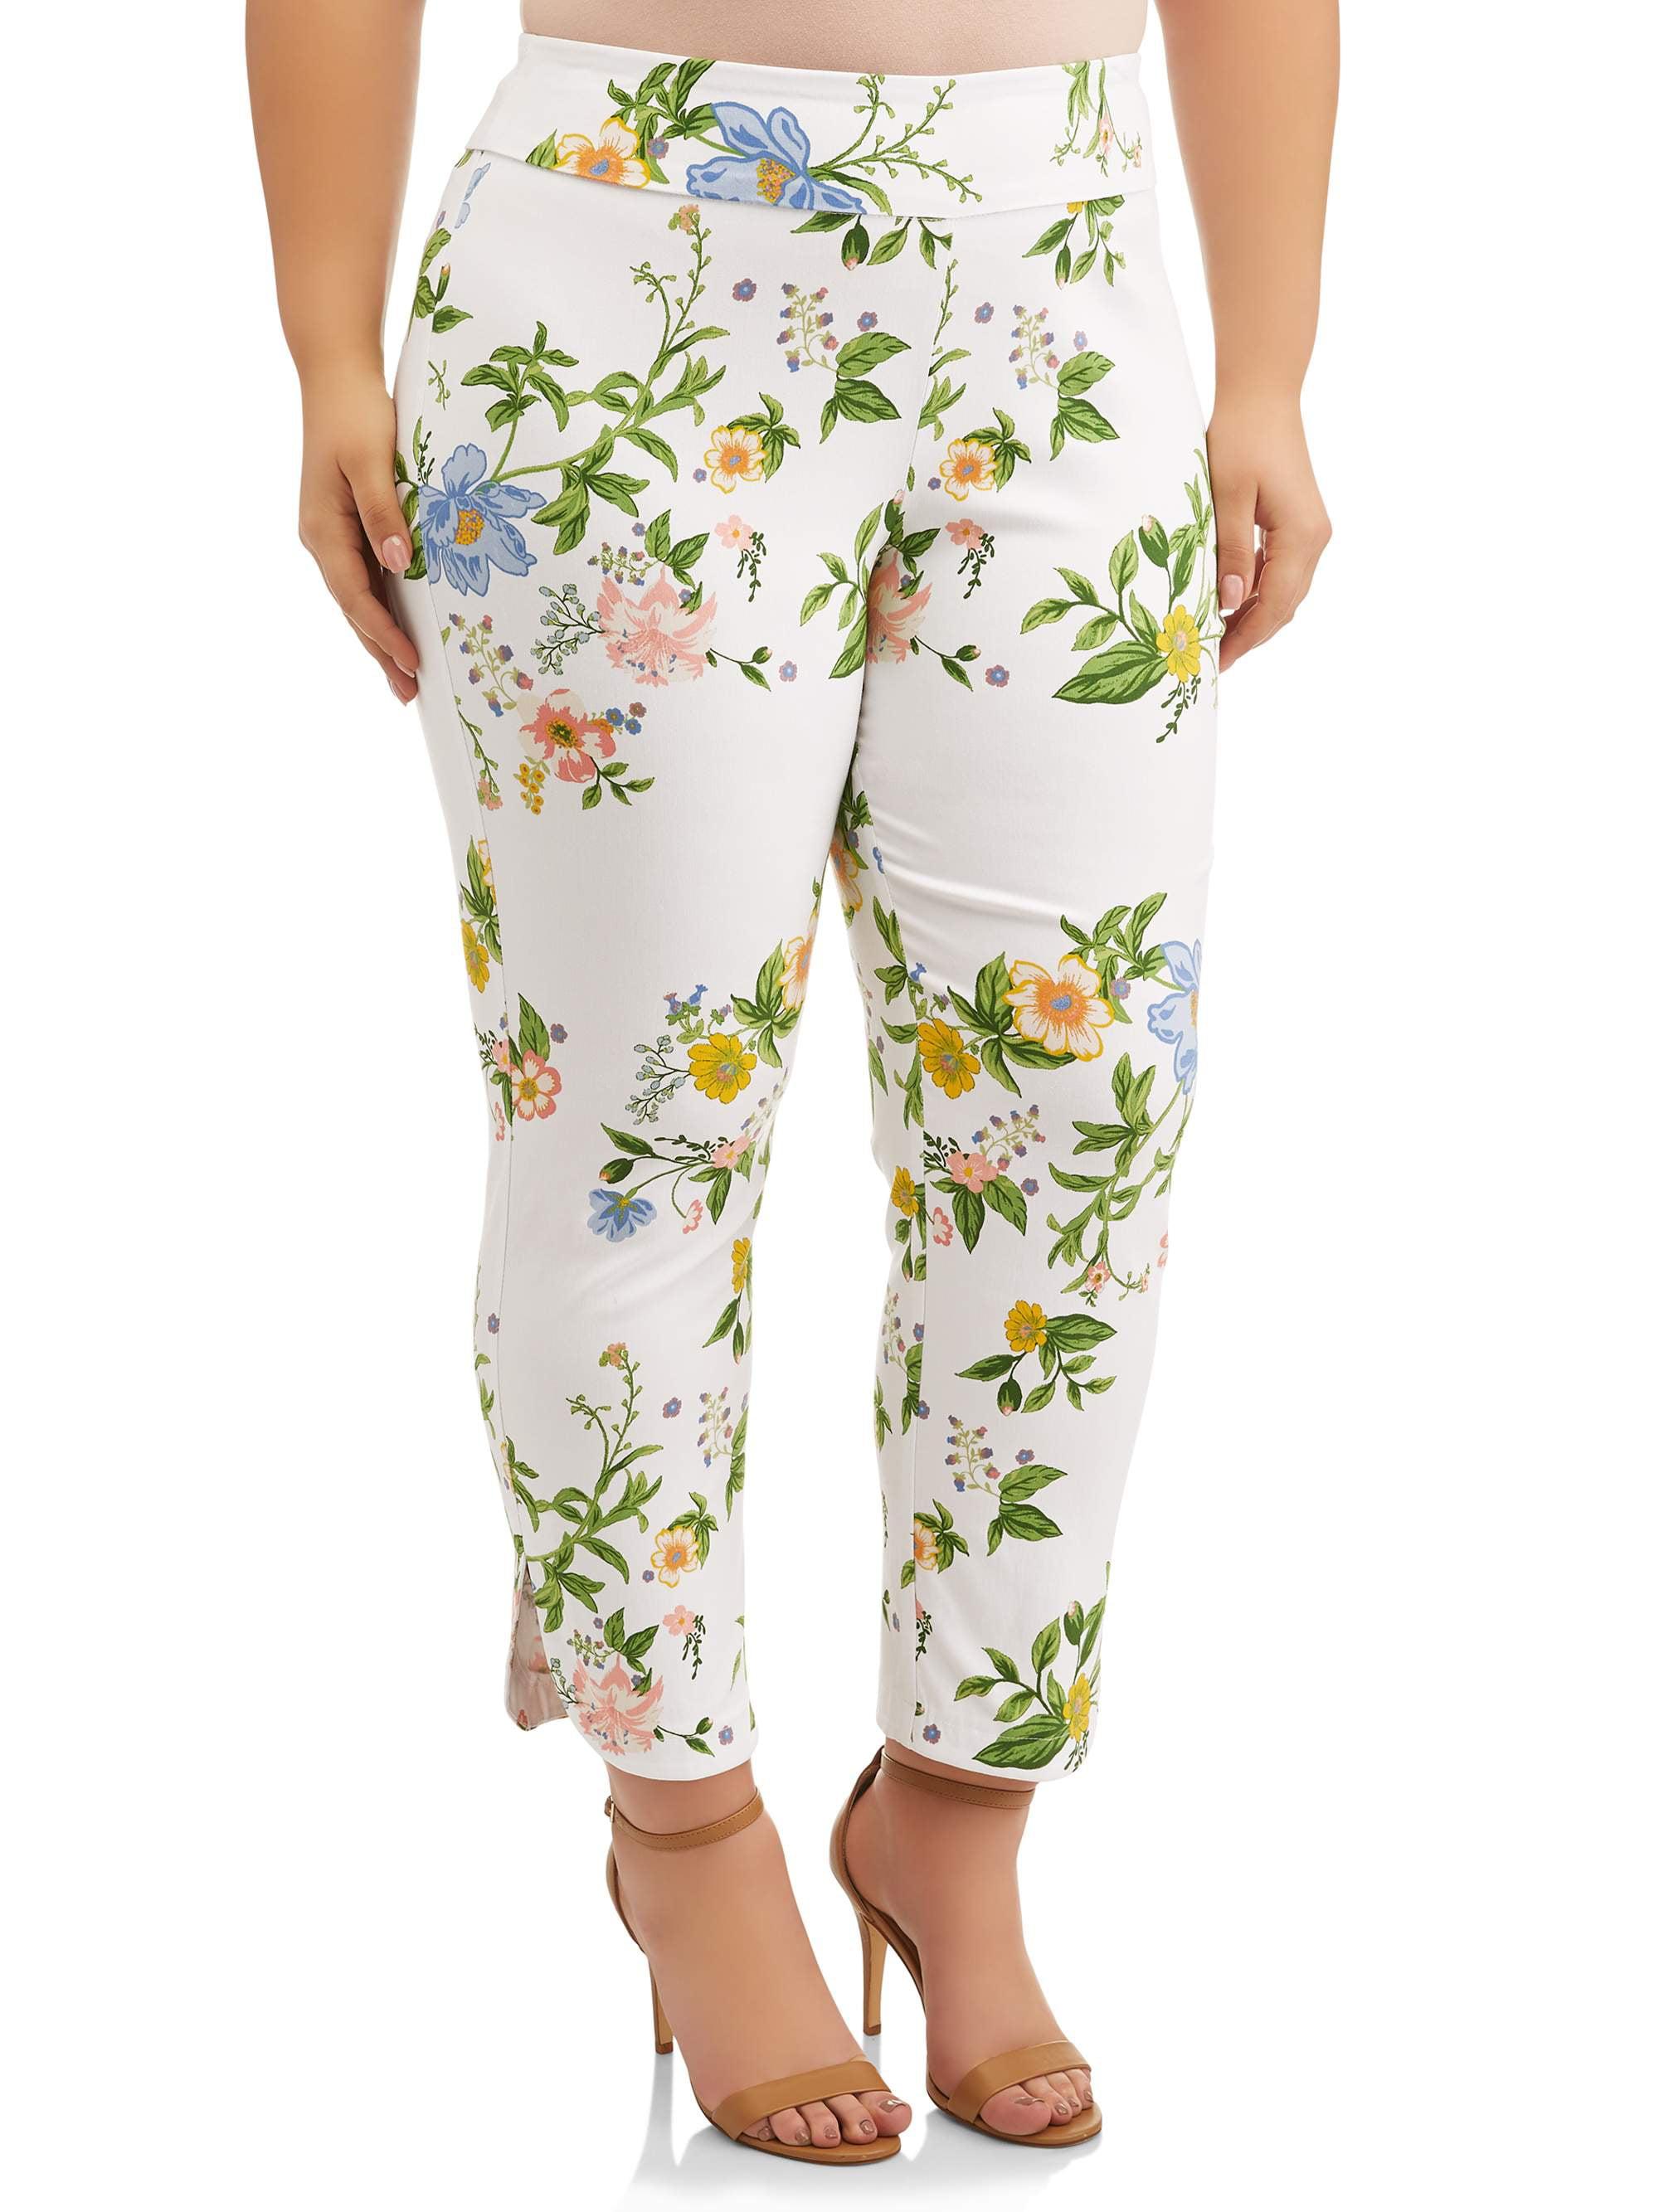 Women's Plus Size White Floral Print Pant